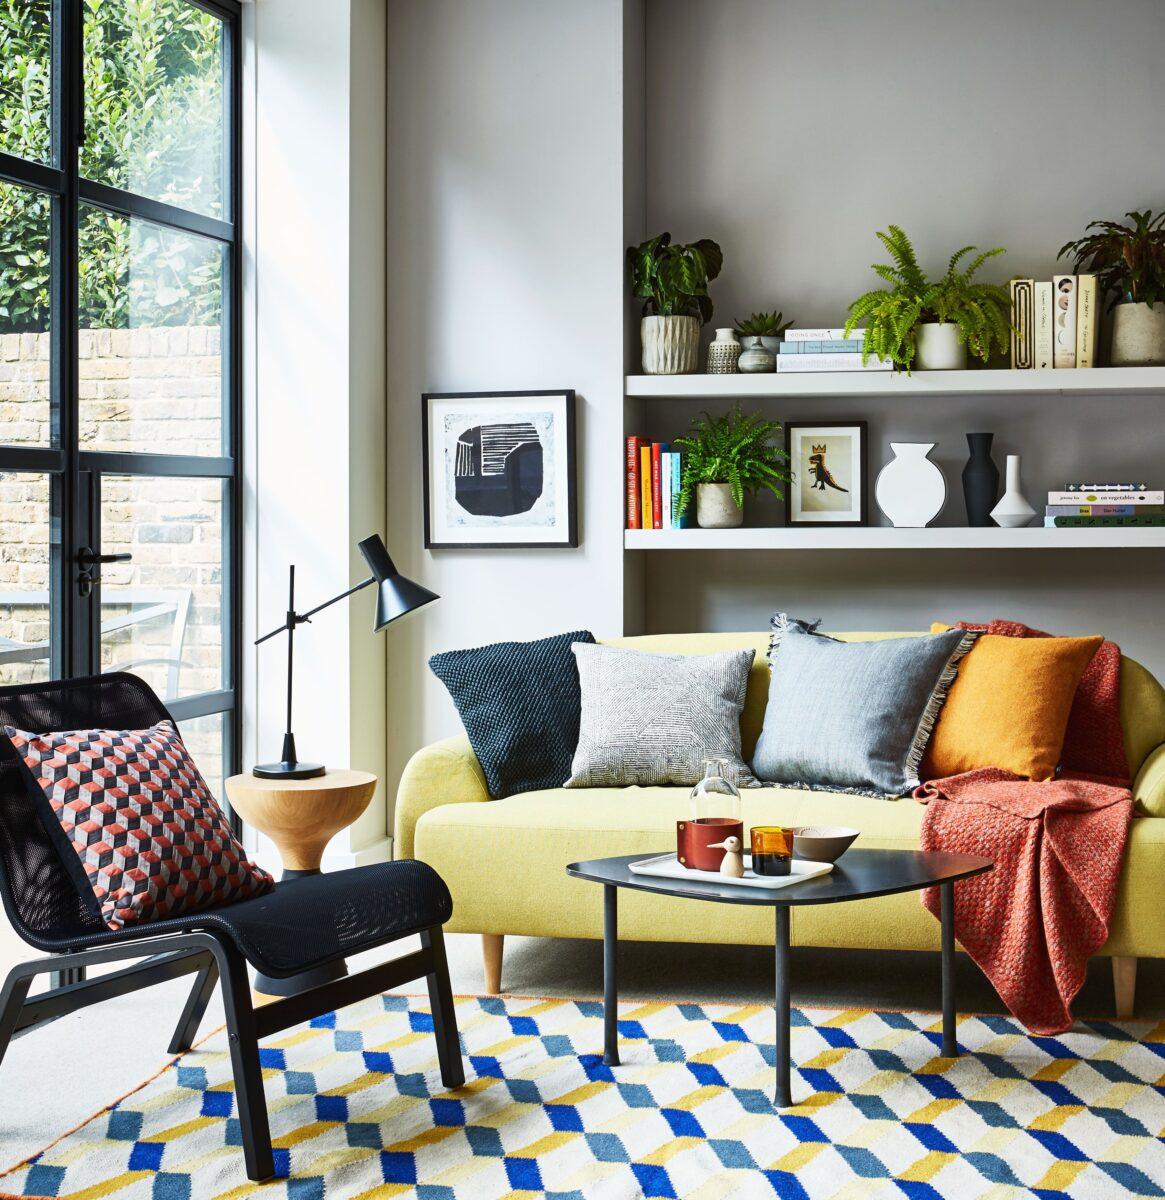 10-idee-abbellire-divano-vecchio-6